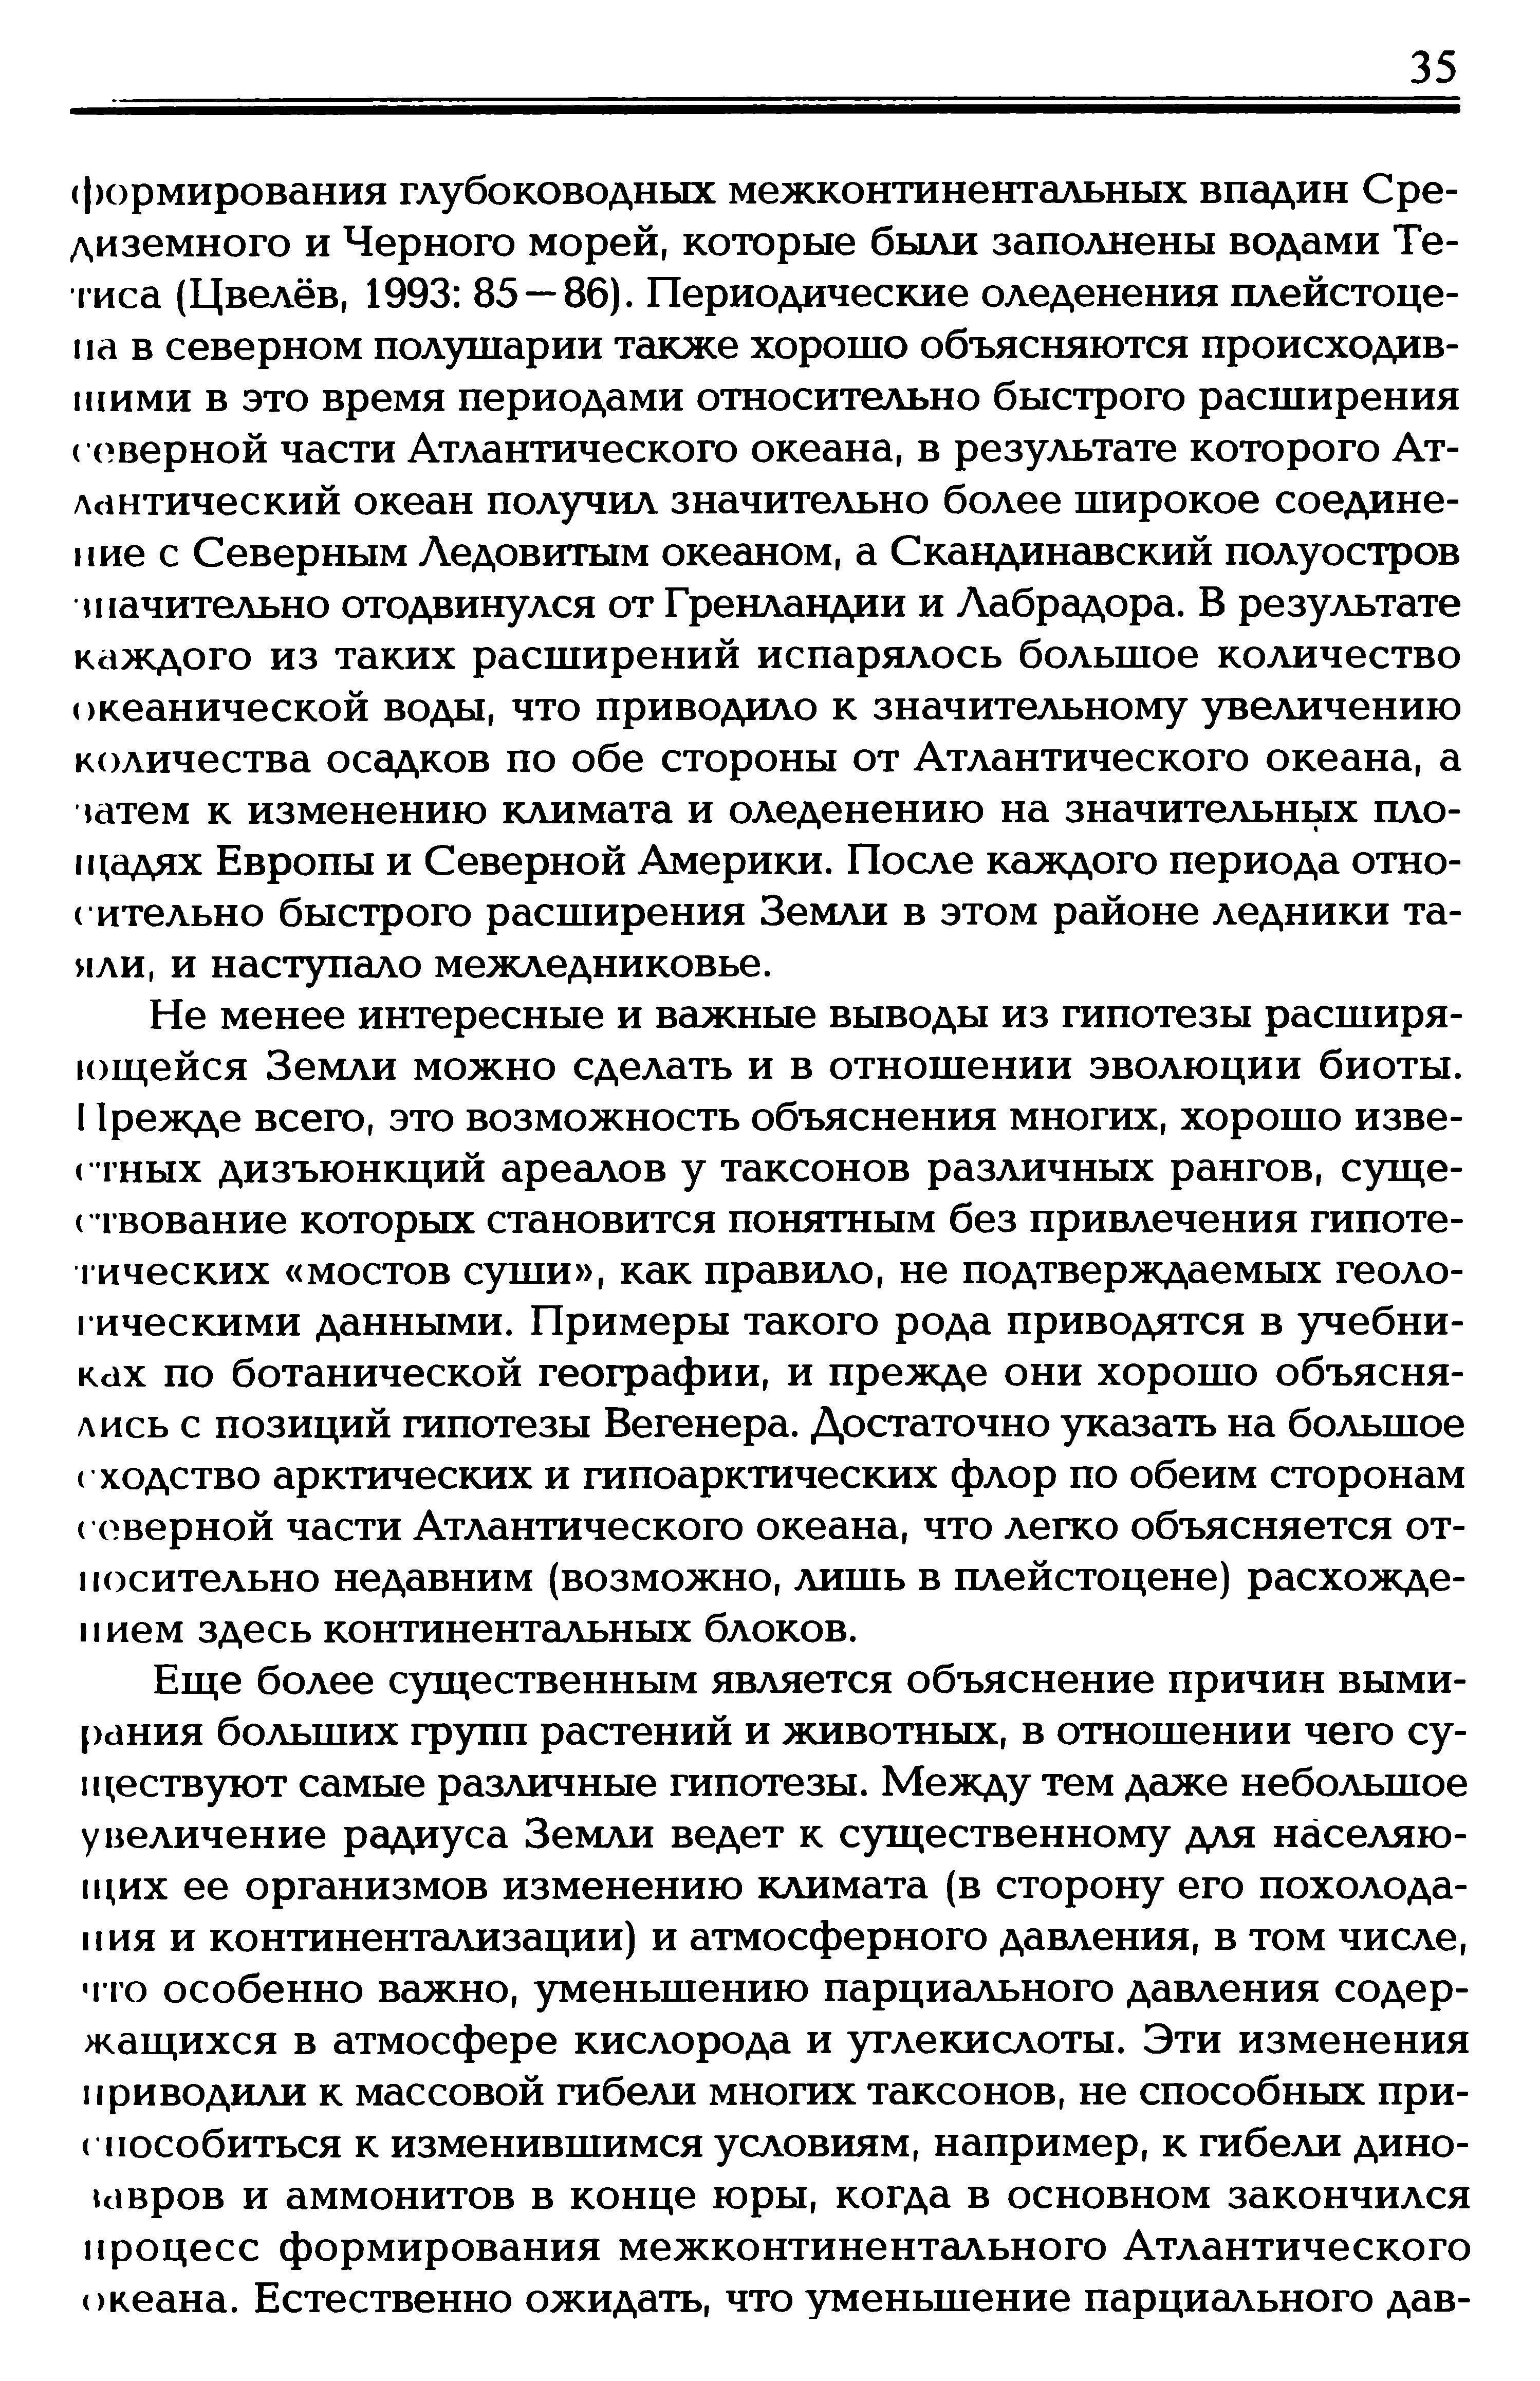 Tzvelev, 2005_2_3.jpg